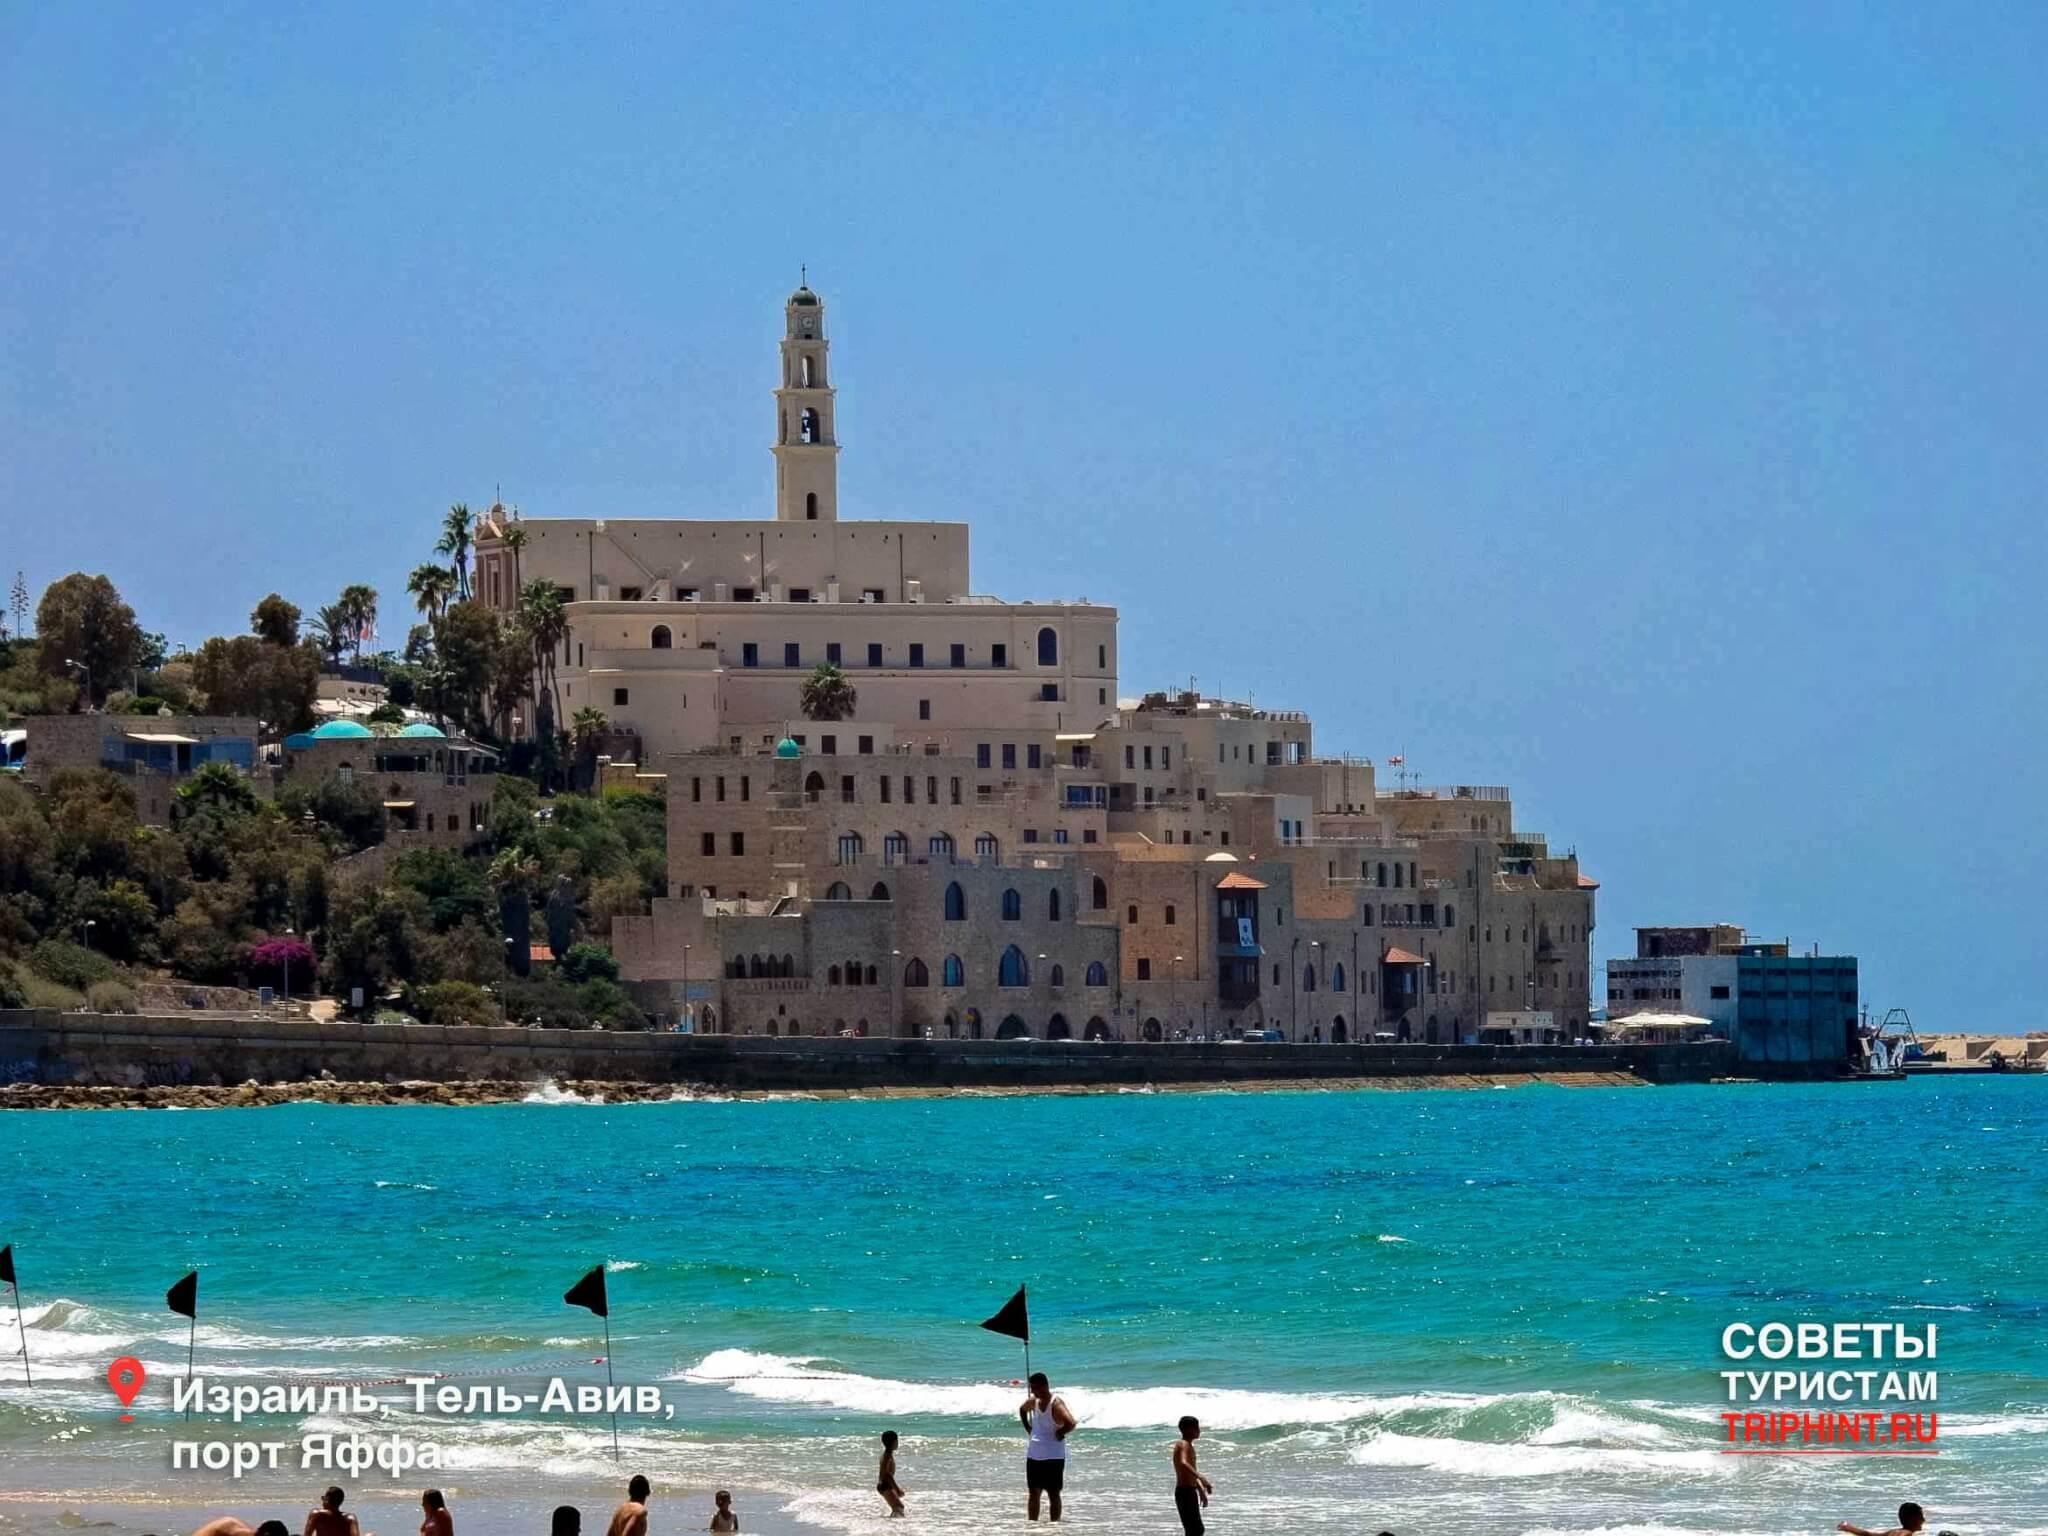 Отдых в Израиле на море в октябре. Пляж Тель-Авив, порт Яффа